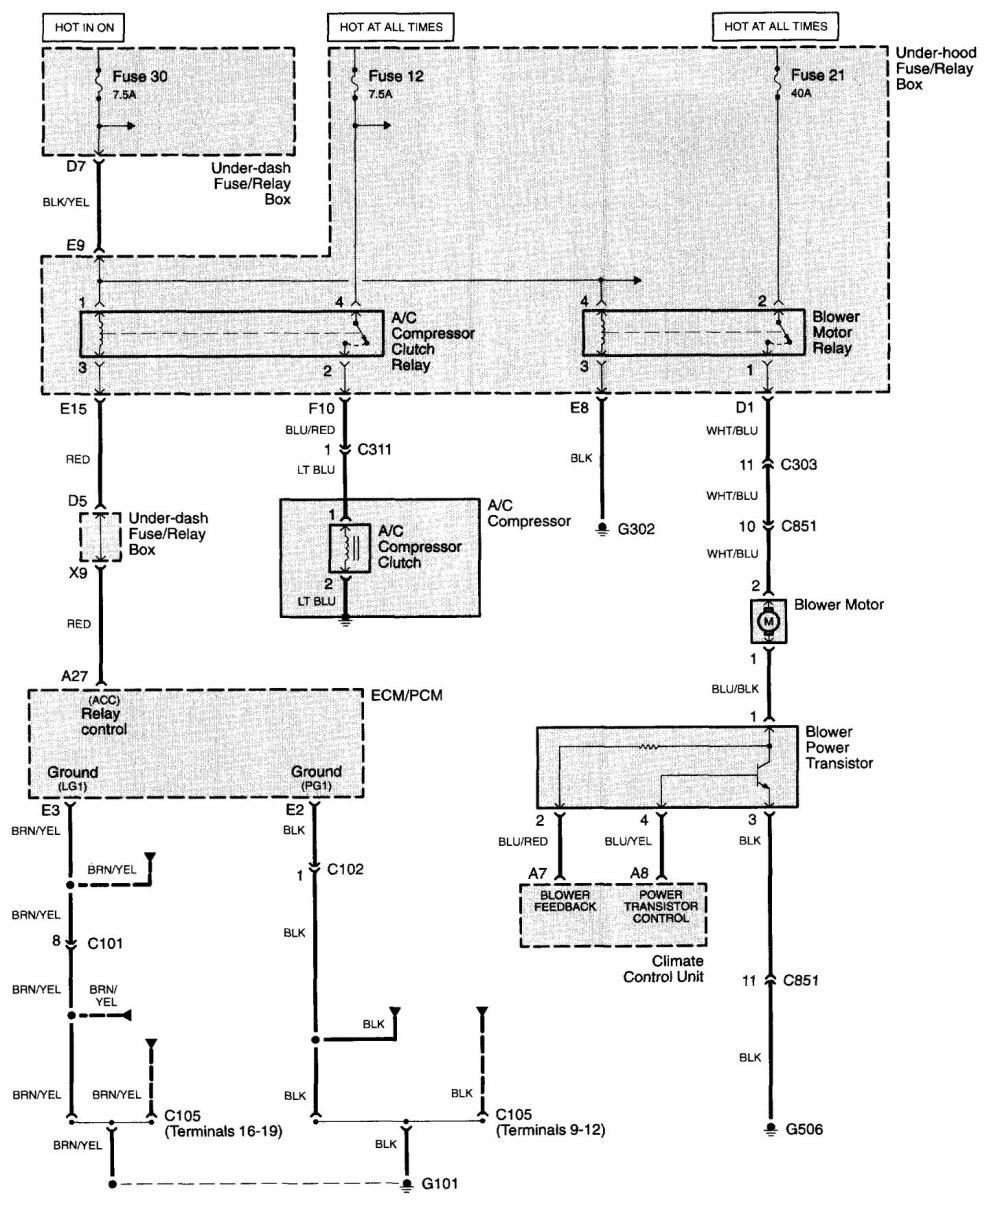 medium resolution of acura mdx hvac wiring diagram 17 9 spikeballclubkoeln de u2022acura mdx engine diagram best wiring